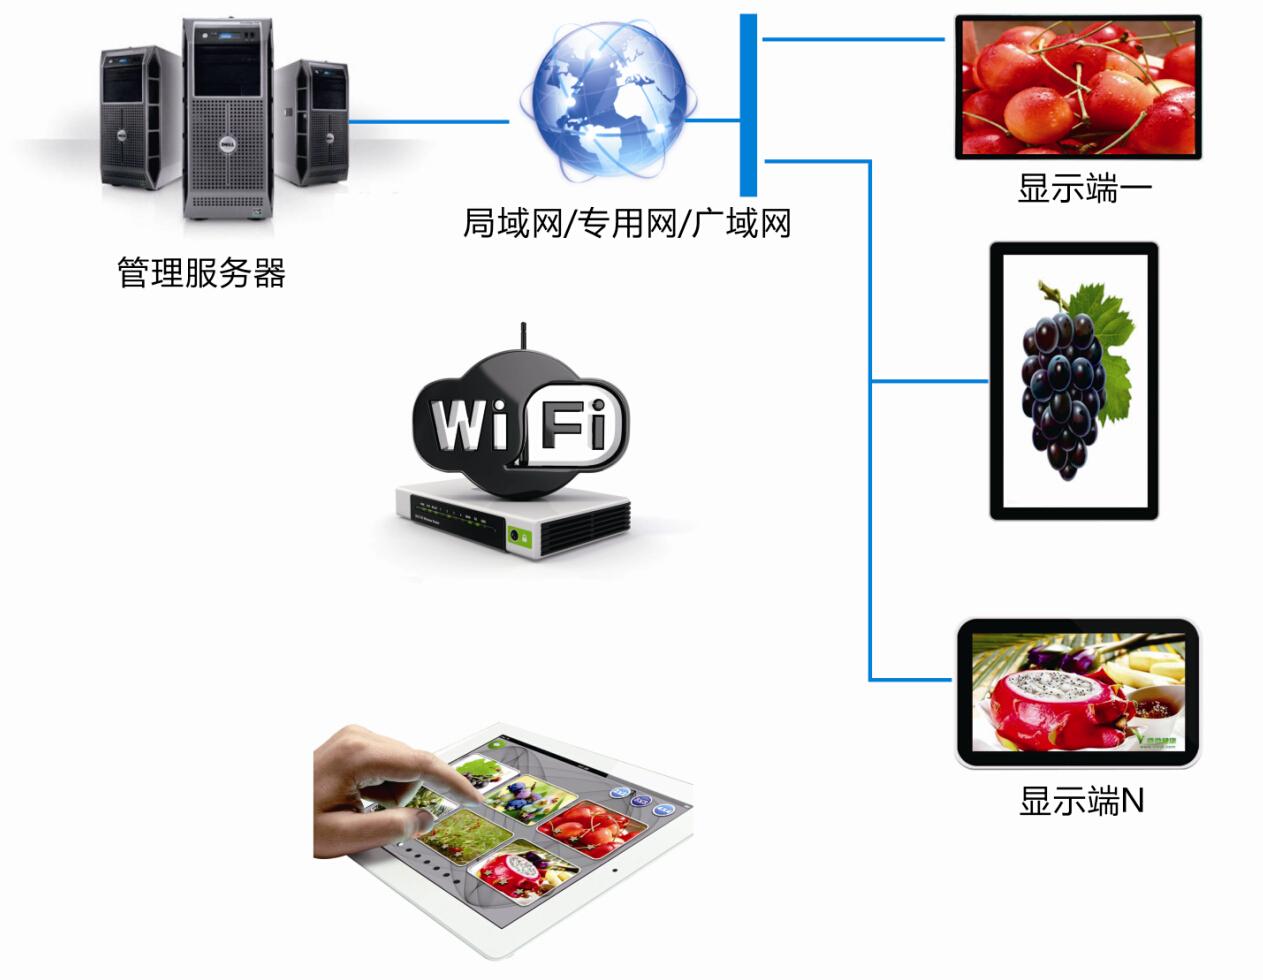 多屏互动系统解决方案